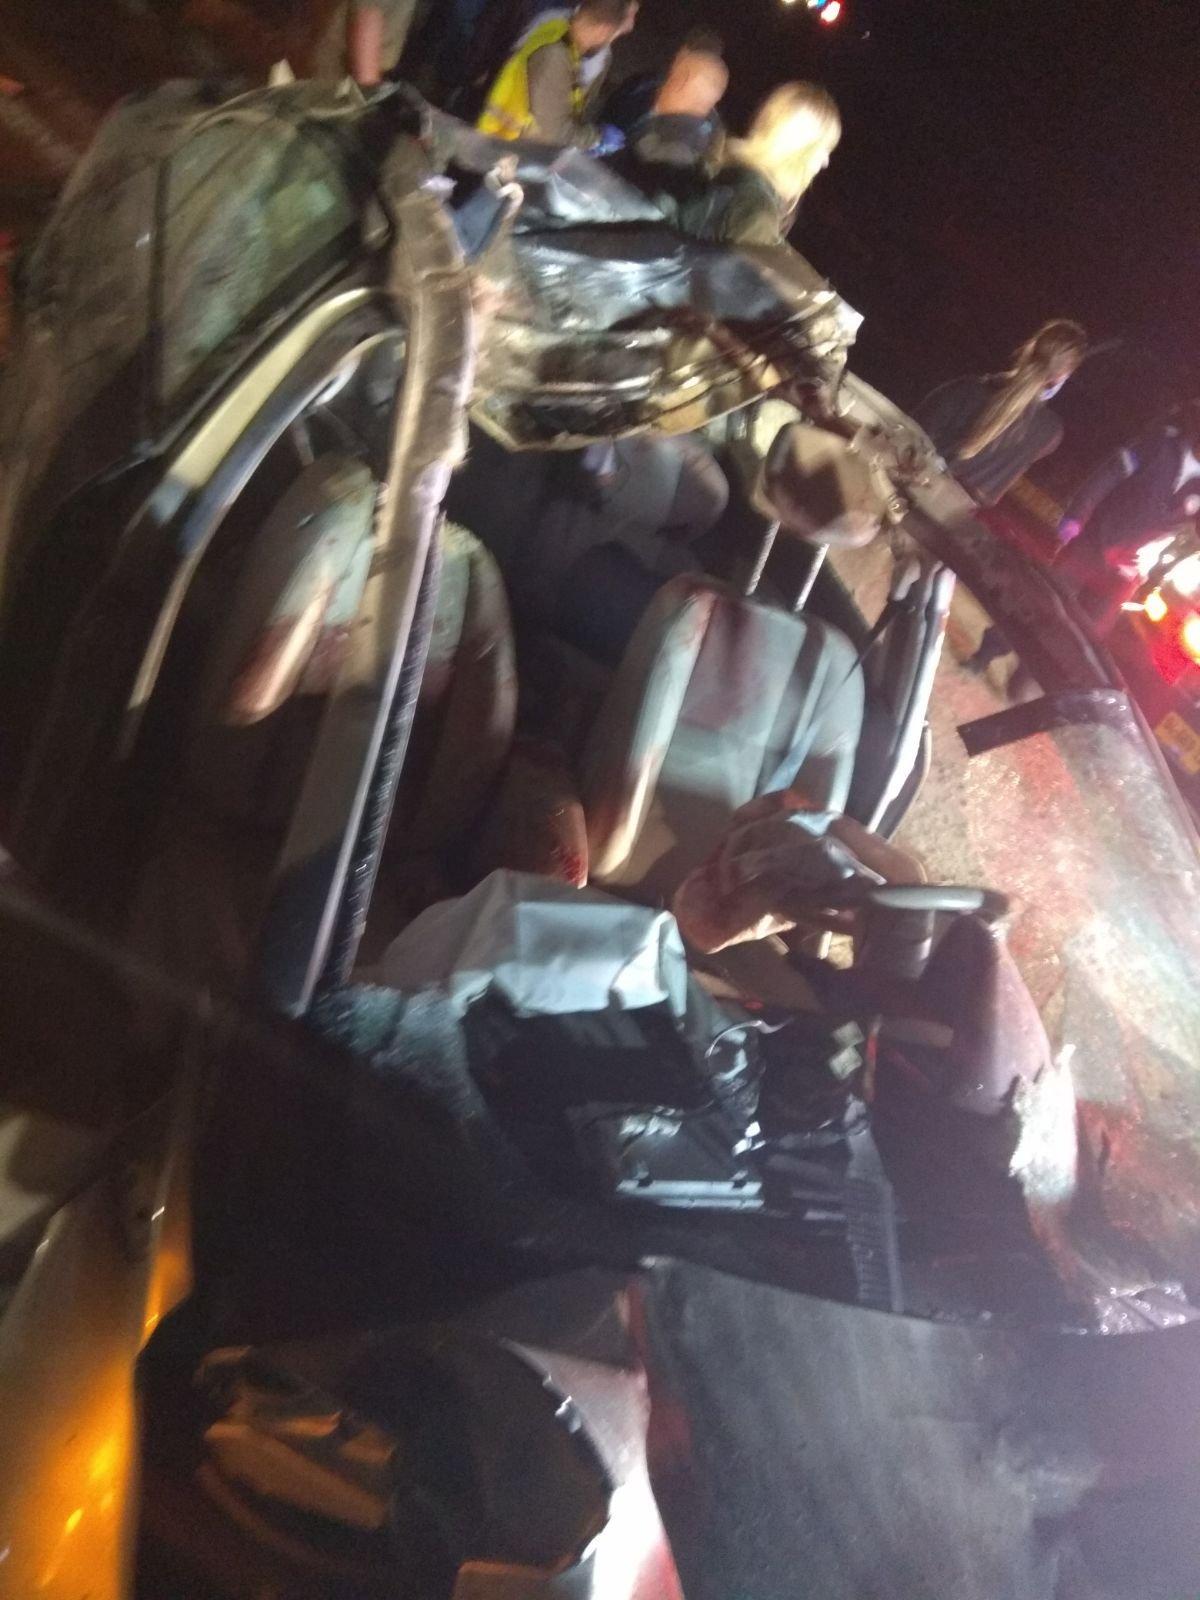 مصرع طفل وإصابة 4 أشخاص بحادث اصطدام سيارة بجمل قرب سجن نفحة بالنقب!